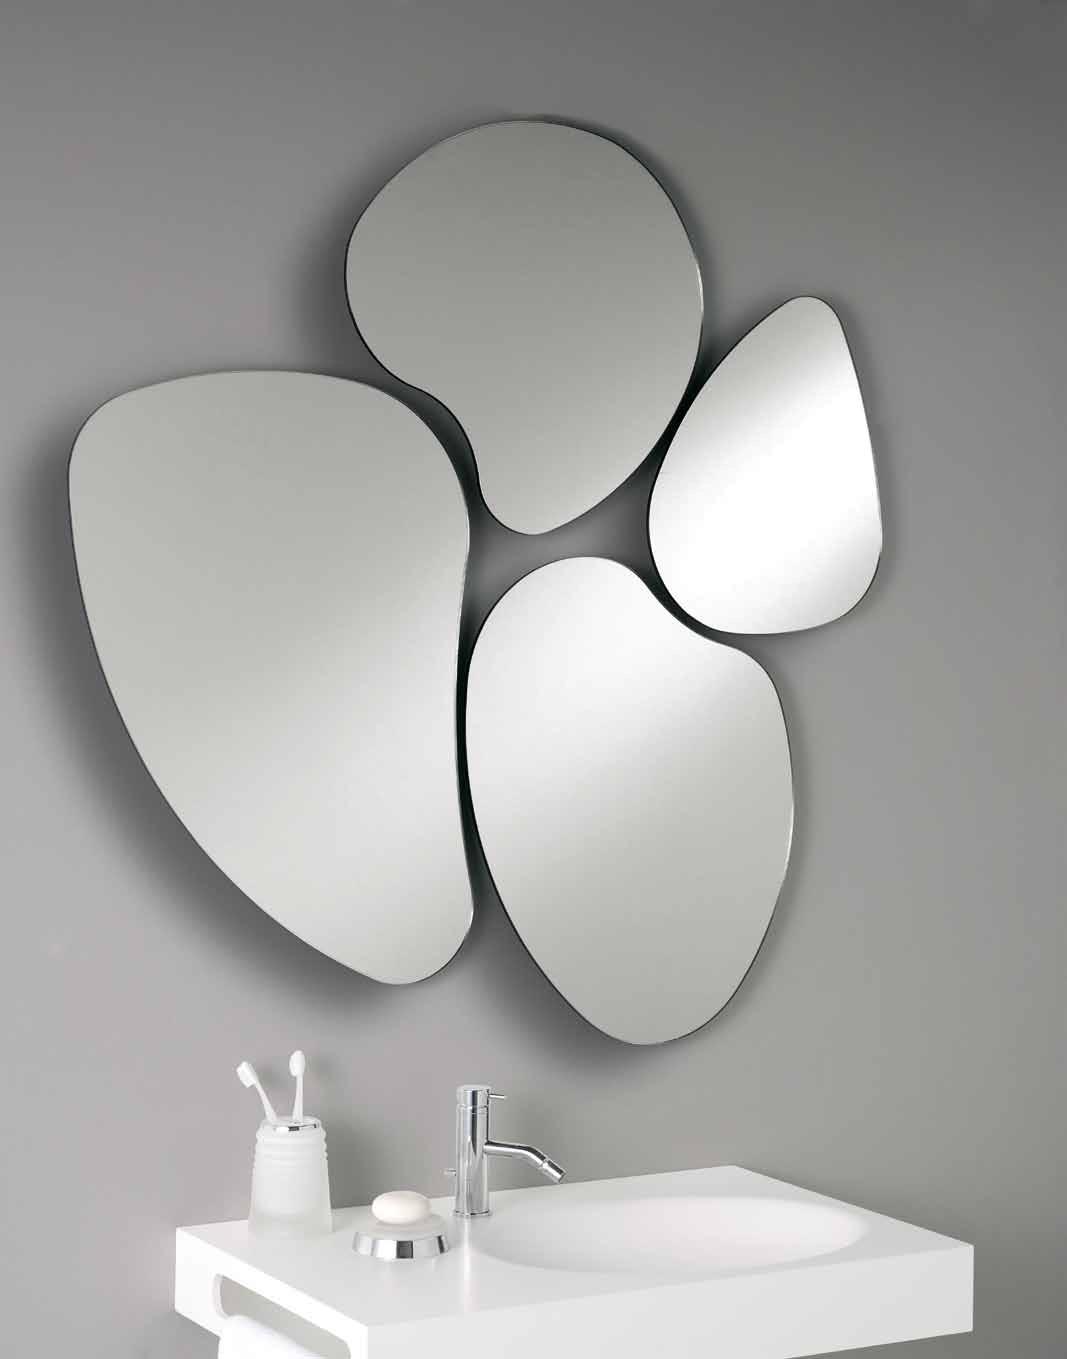 Espejos Formas Originales 5 Originales Ideas Para Decorar - Espejo-original